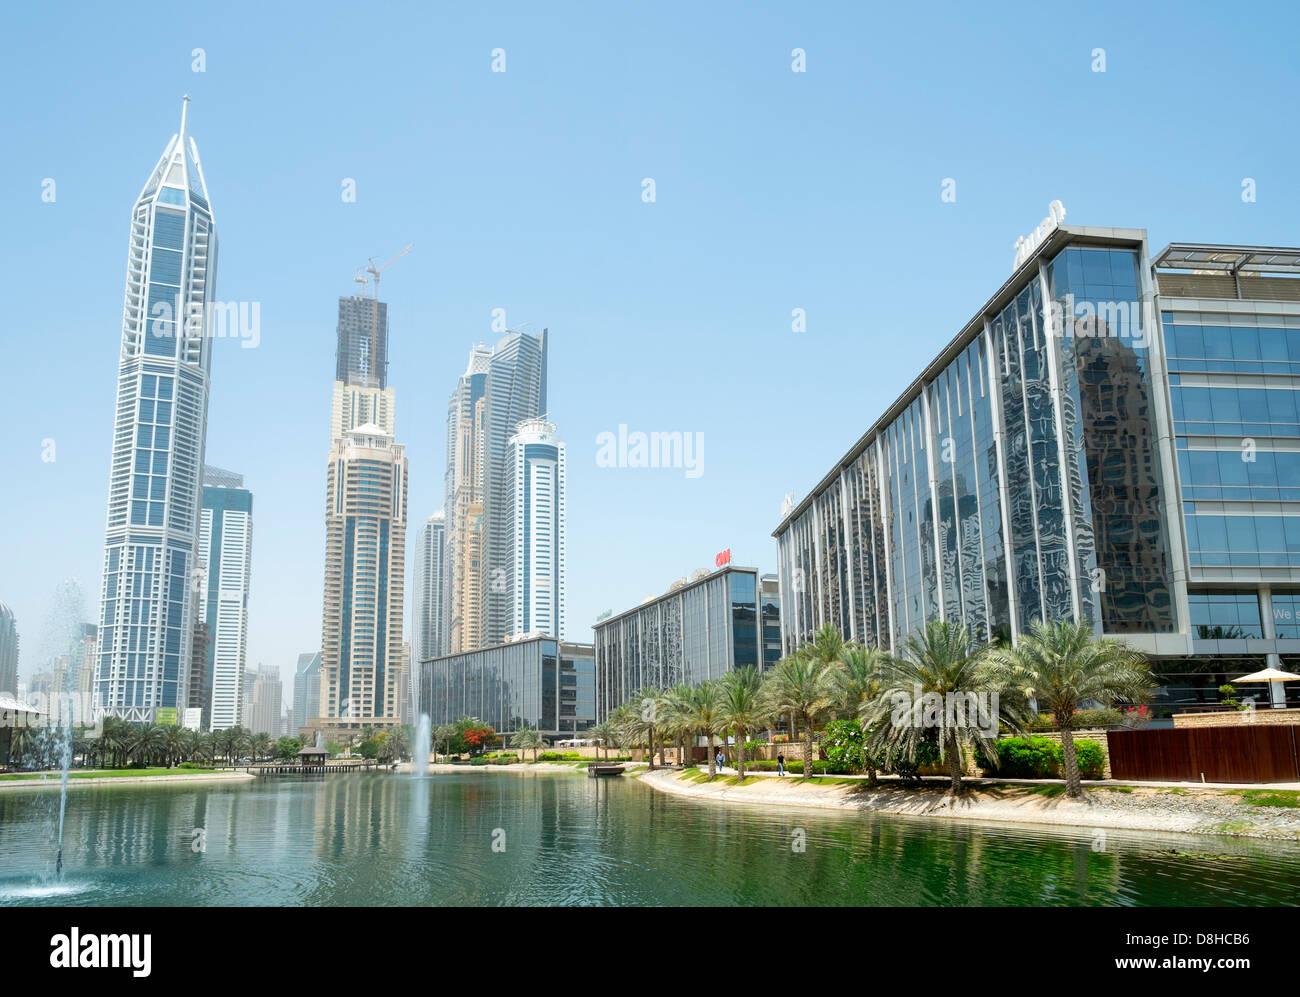 Ansicht von Bürogebäuden im Media City District in Dubai Vereinigte Arabische Emirate Stockfoto